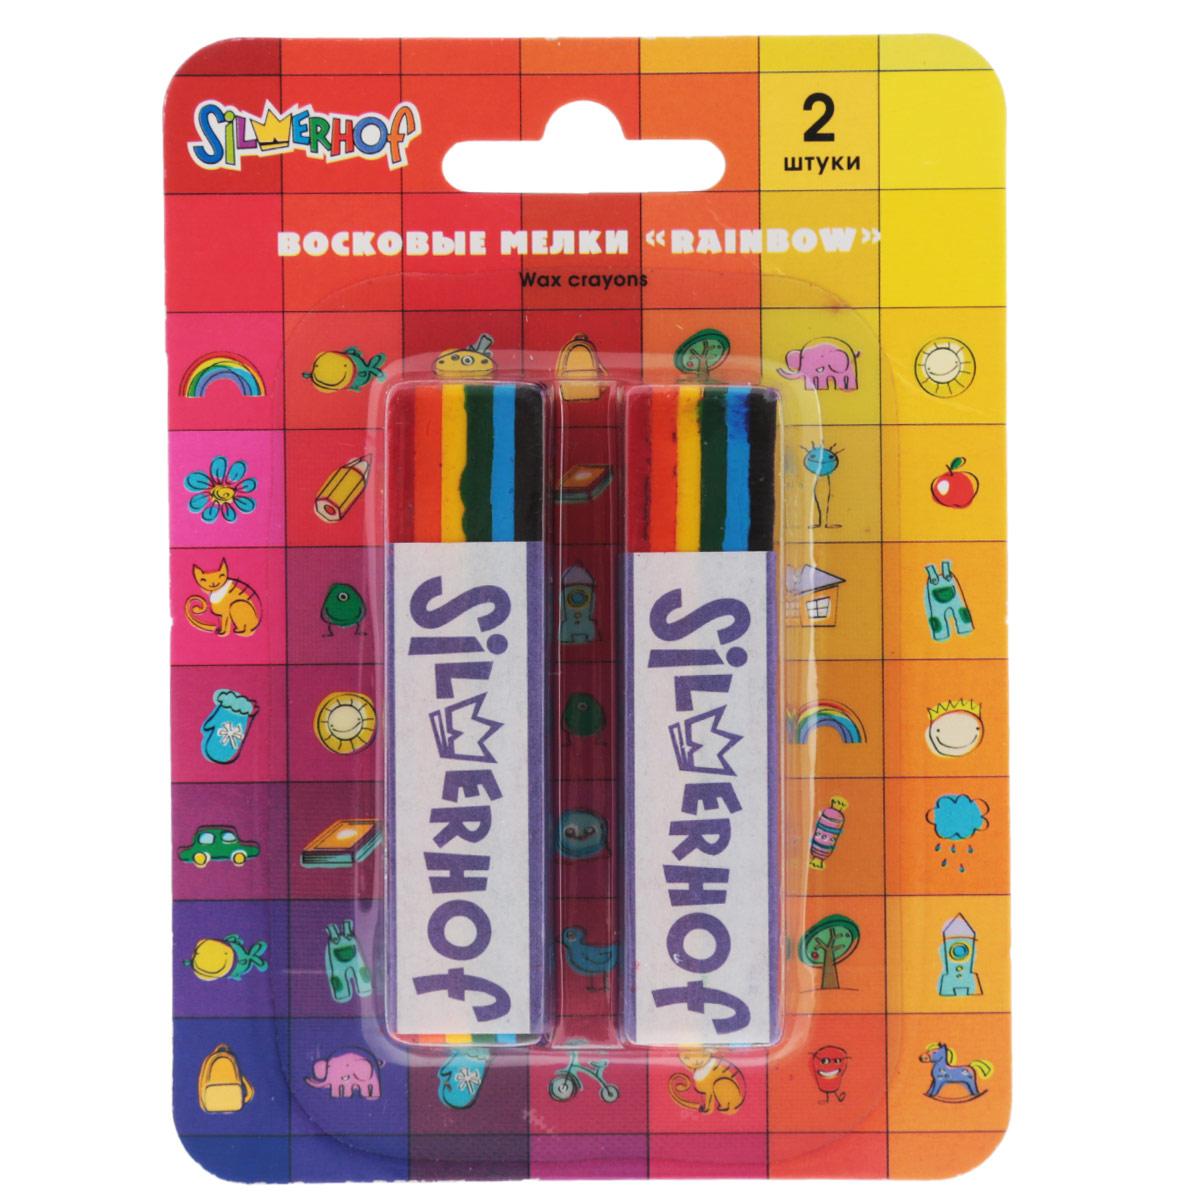 Мелки восковые Silwerhof Rainbow. Emotions, водоустойчивые, 2 шт884042-02Восковые яркие мелки Rainbow. Emotions предназначены для рисования на бумаге, картоне, стекле, пластике и керамике. Предоставляют увлекательное занятие для малыша во время творчества, особенно на темной бумаге. В наборе 2 мелка, окрашенных в цвета радуги: бордовый, оранжевый, желтый, зеленый, голубой, черный. На каждом из них бумажный держатель, который помогает удержать восковой мелок во время рисования. Рекомендовано для детей старше 3-х лет.